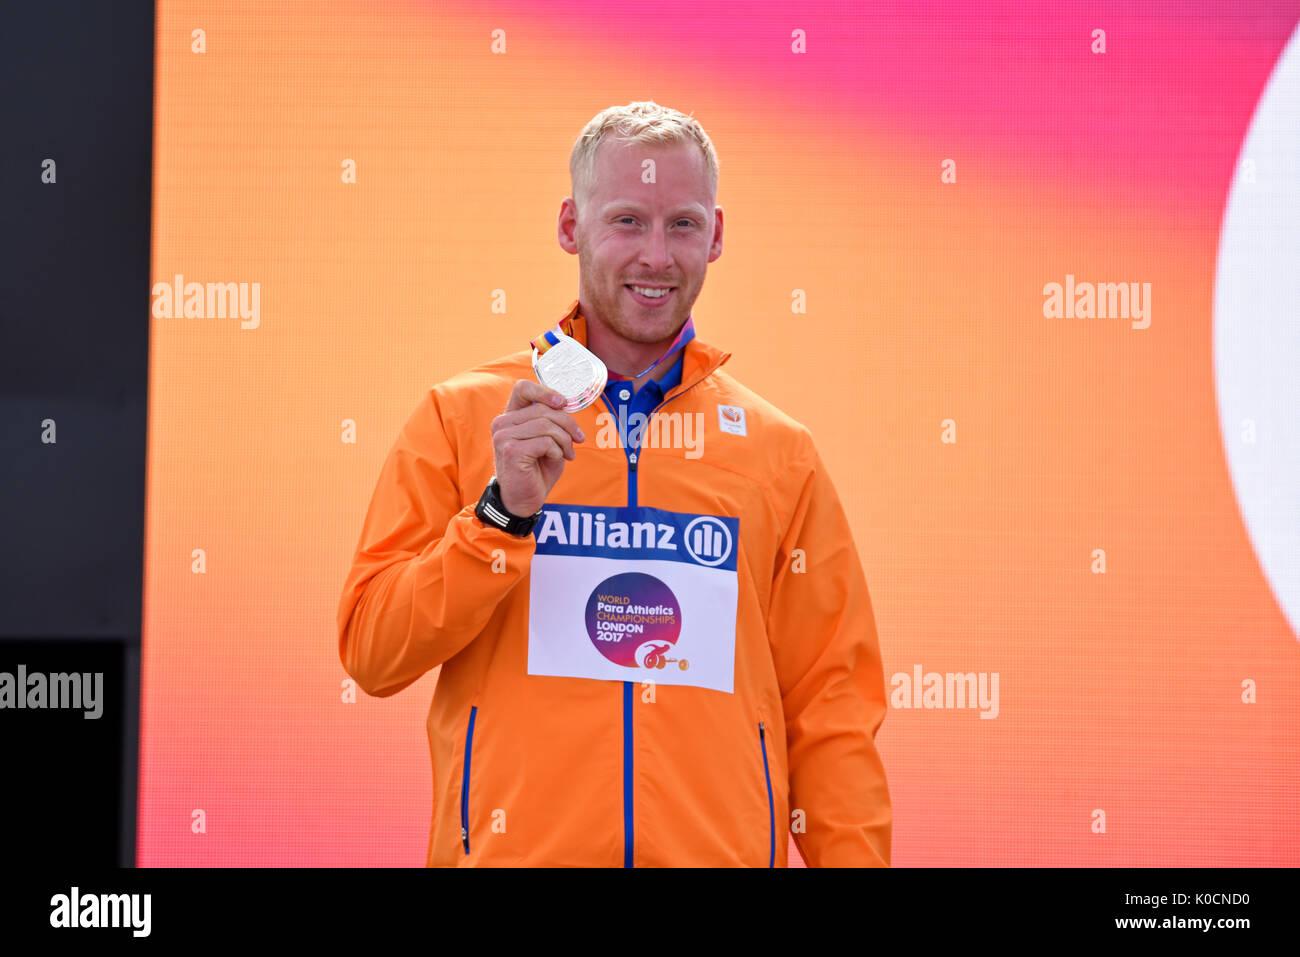 Ronald Hertog medallista de plata en la ceremonia de la medalla para el salto largo T44 en el Campeonato Mundial De Atletismo, Londres, Reino Unido Foto de stock